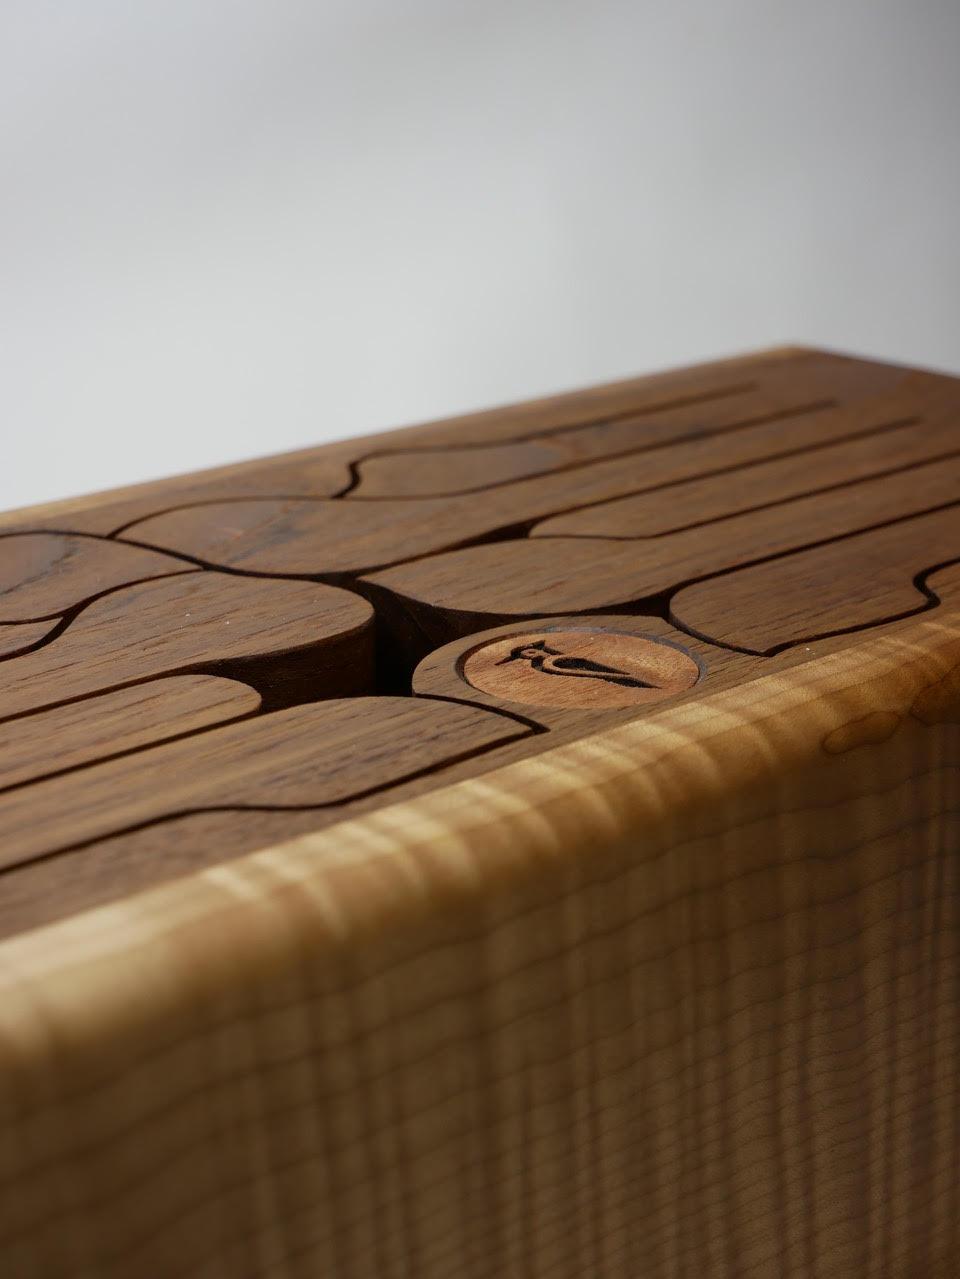 slovenský výrobca drevených hudobných nástrojov-Boris Čellár (2)